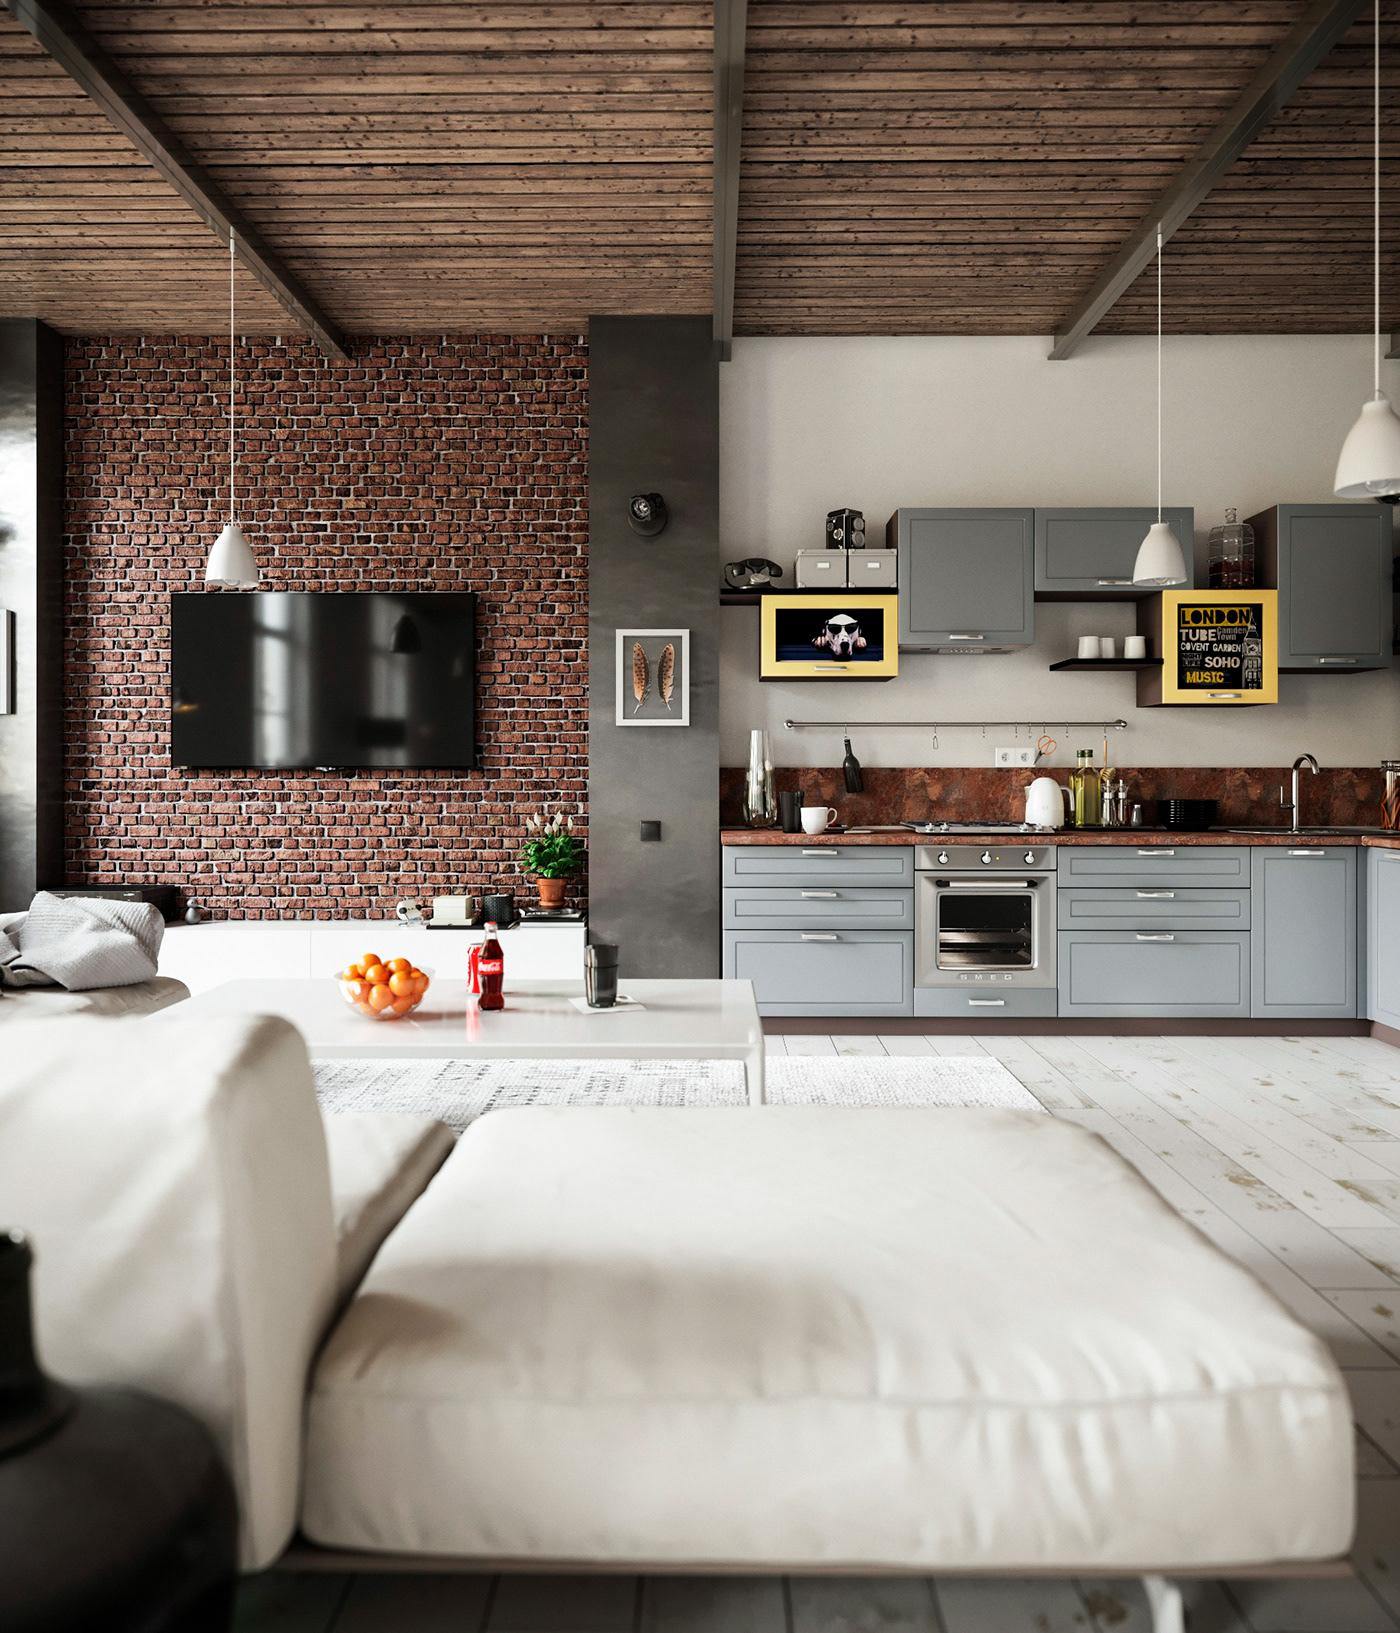 精緻的21個廚房用具設計欣賞